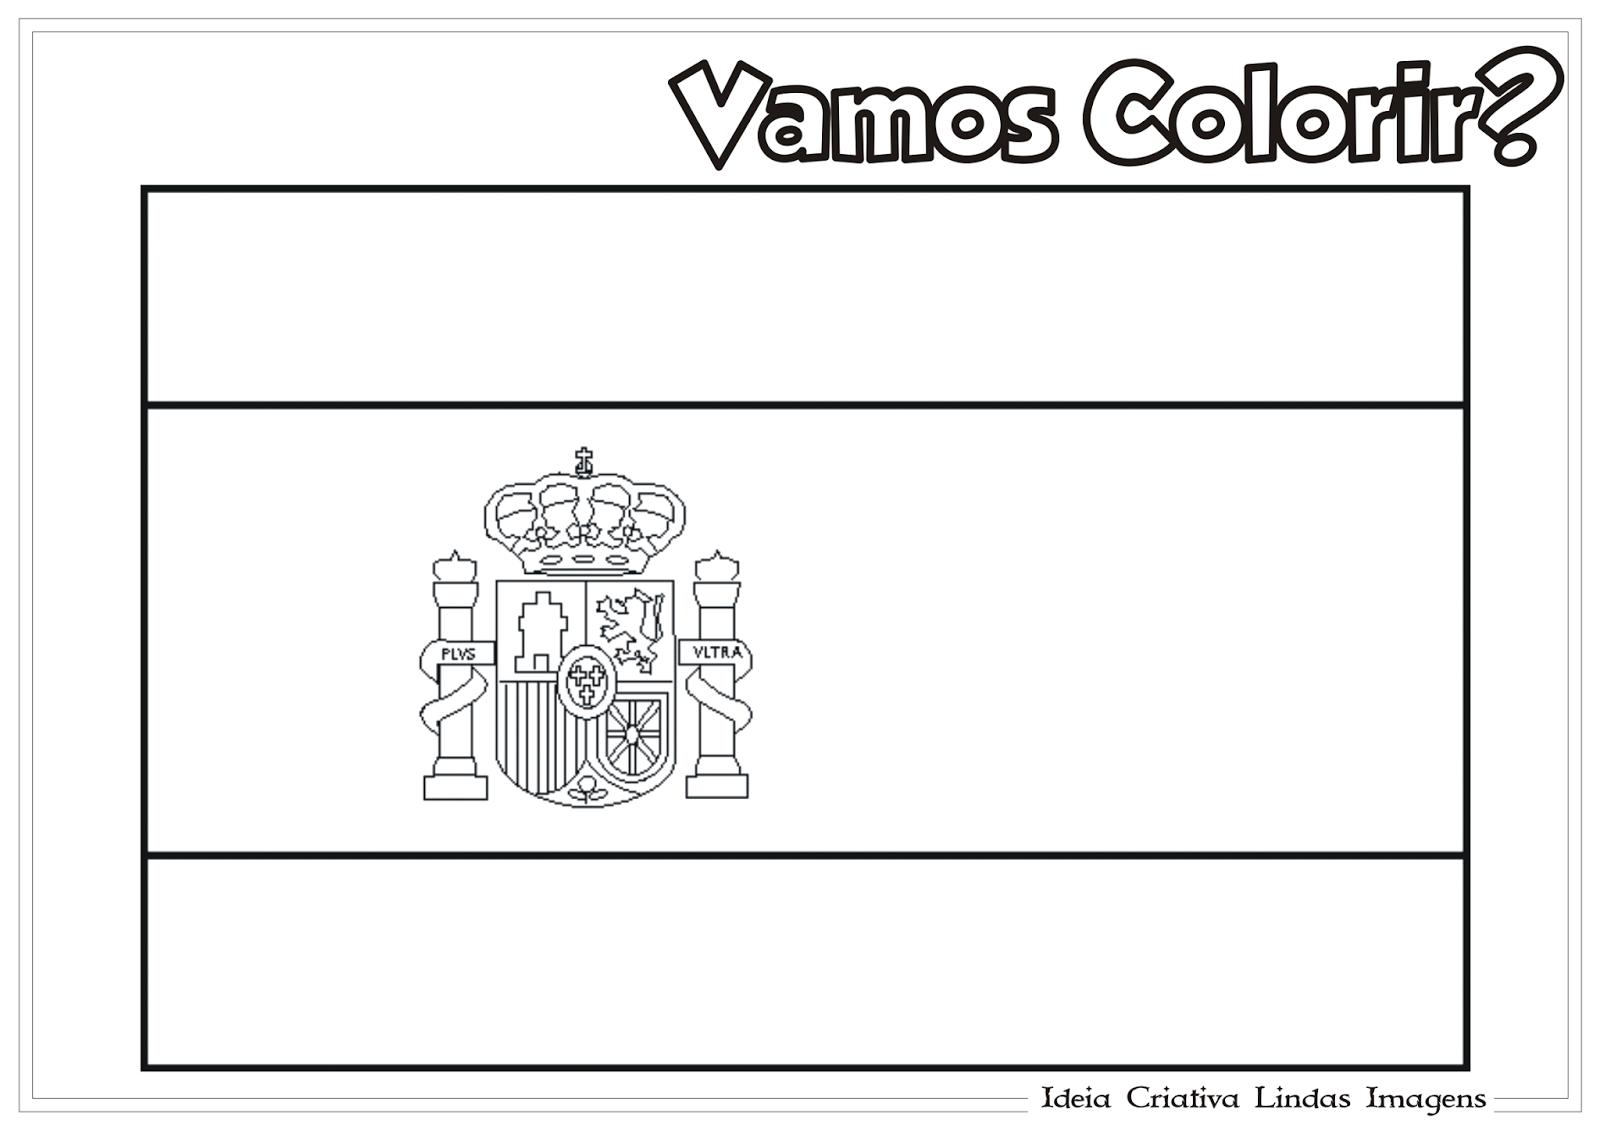 Copa do Mundo 2014 - Grupo B: Bandeira da Espanha pra colorir